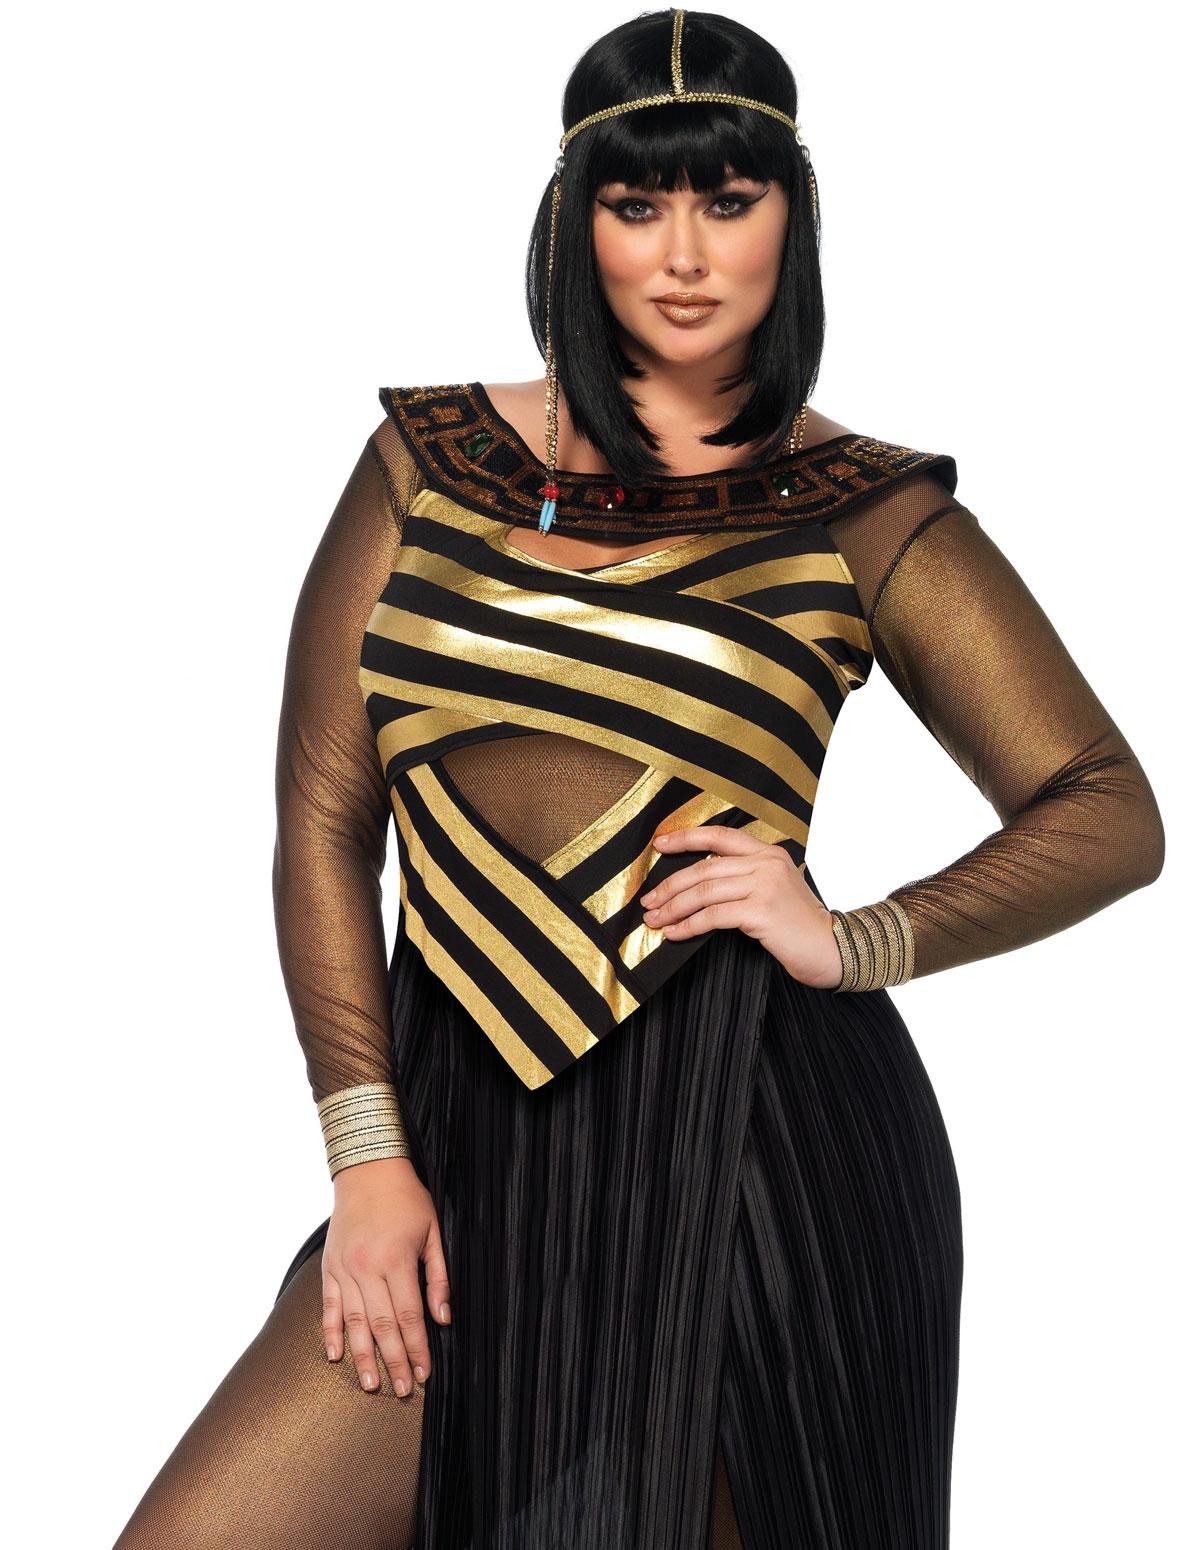 Nile Queen Costume - Plus